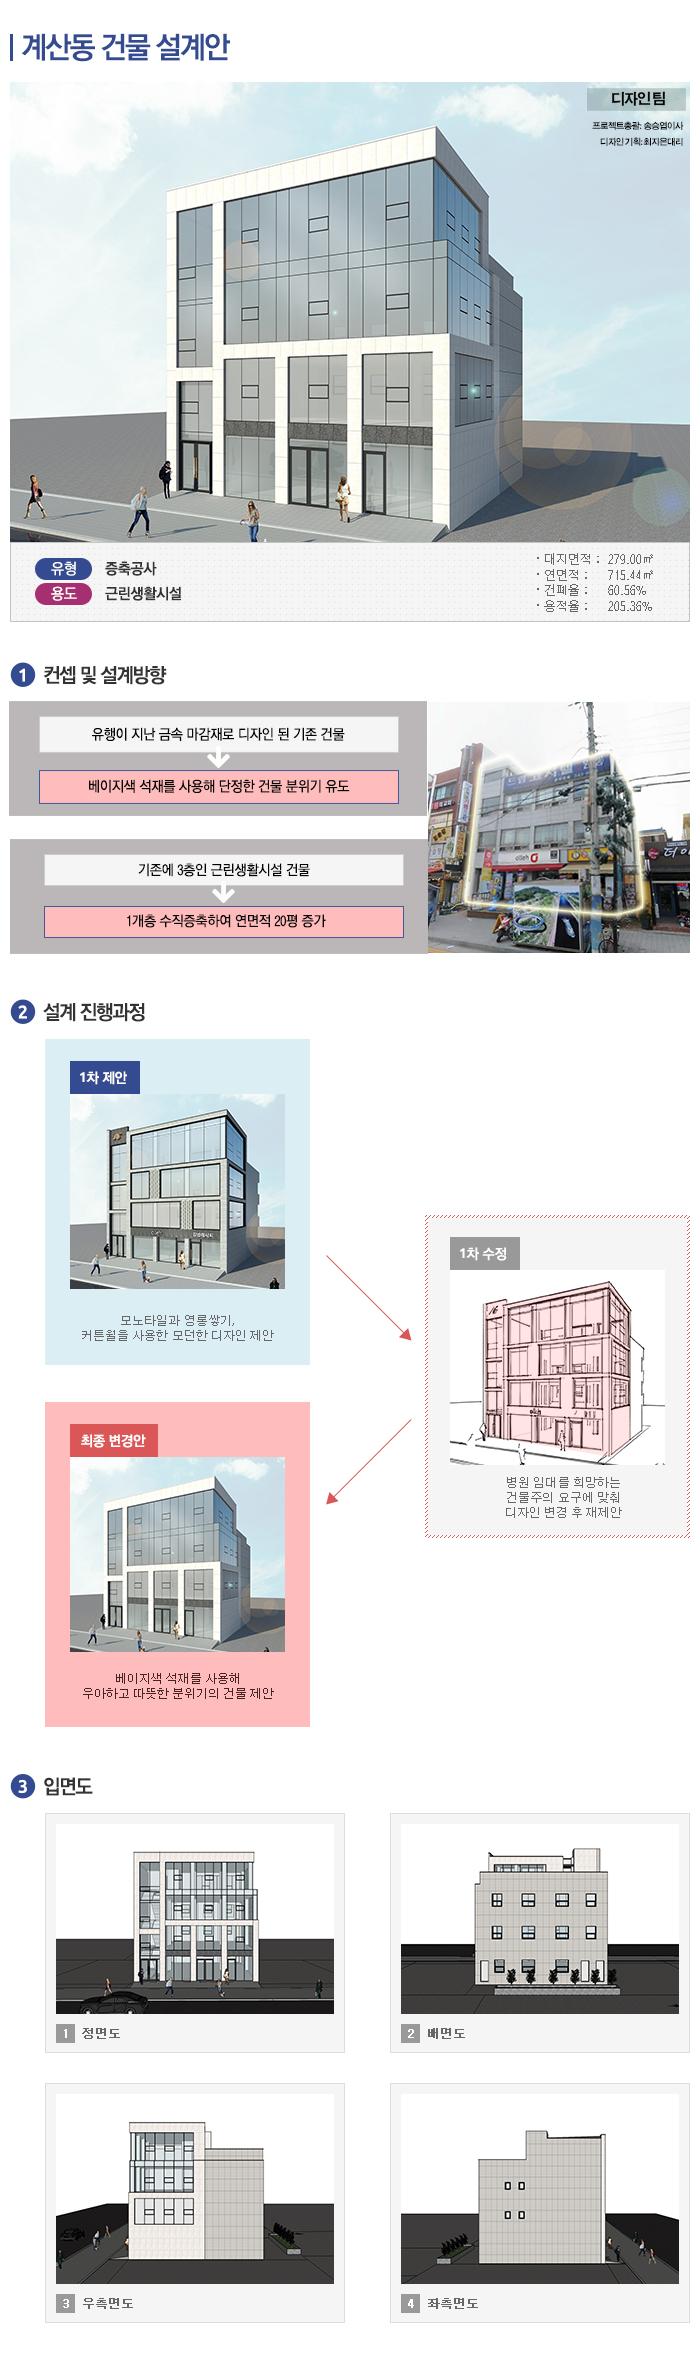 설계사례_계산동 969-16.jpg